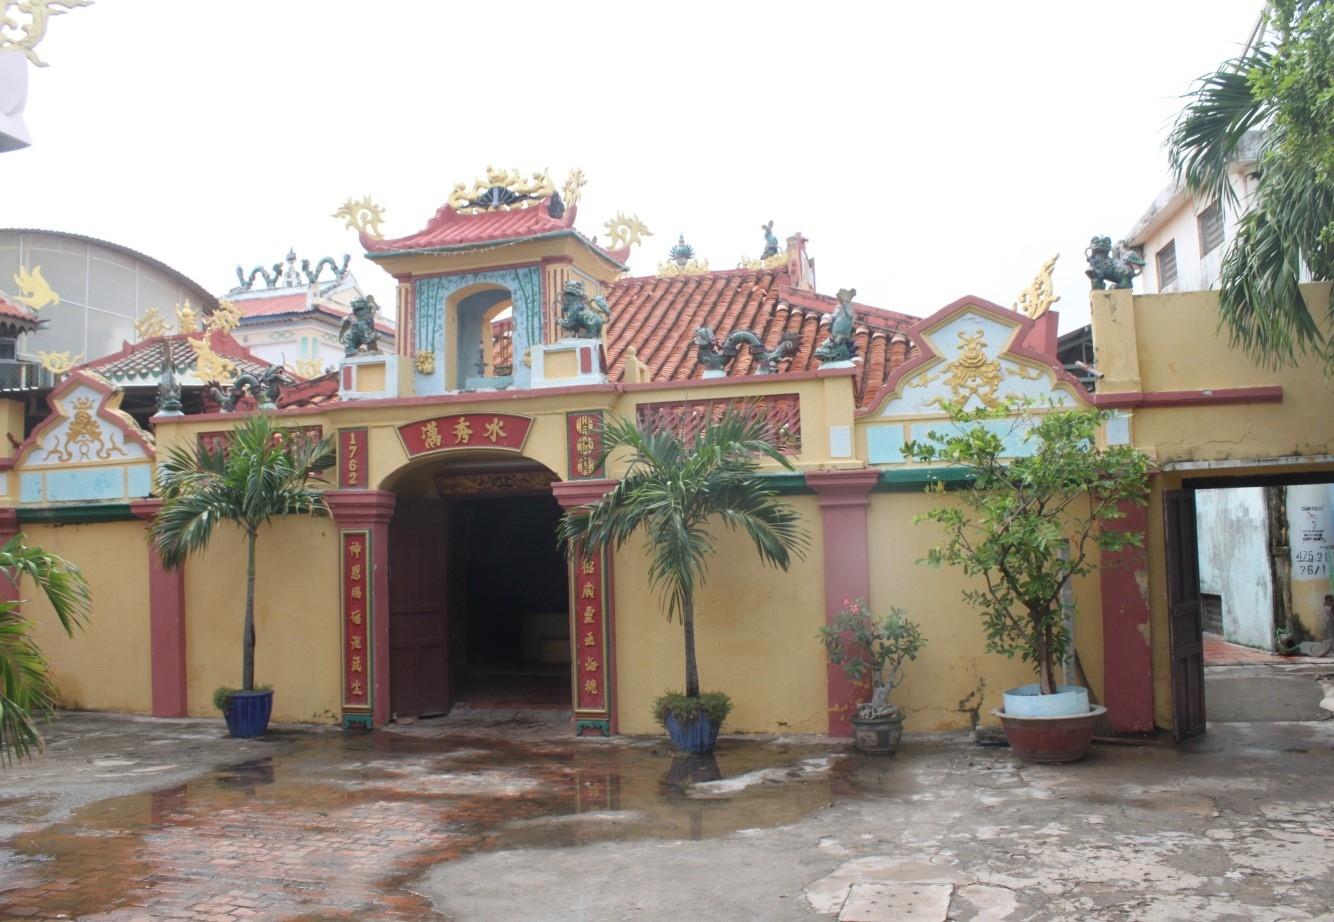 Bình Thuận phê duyệt Đề án: Bảo tồn và phát huy Lễ hội Cầu ngư ở vạn Thủy Tú phục vụ phát triển du lịch